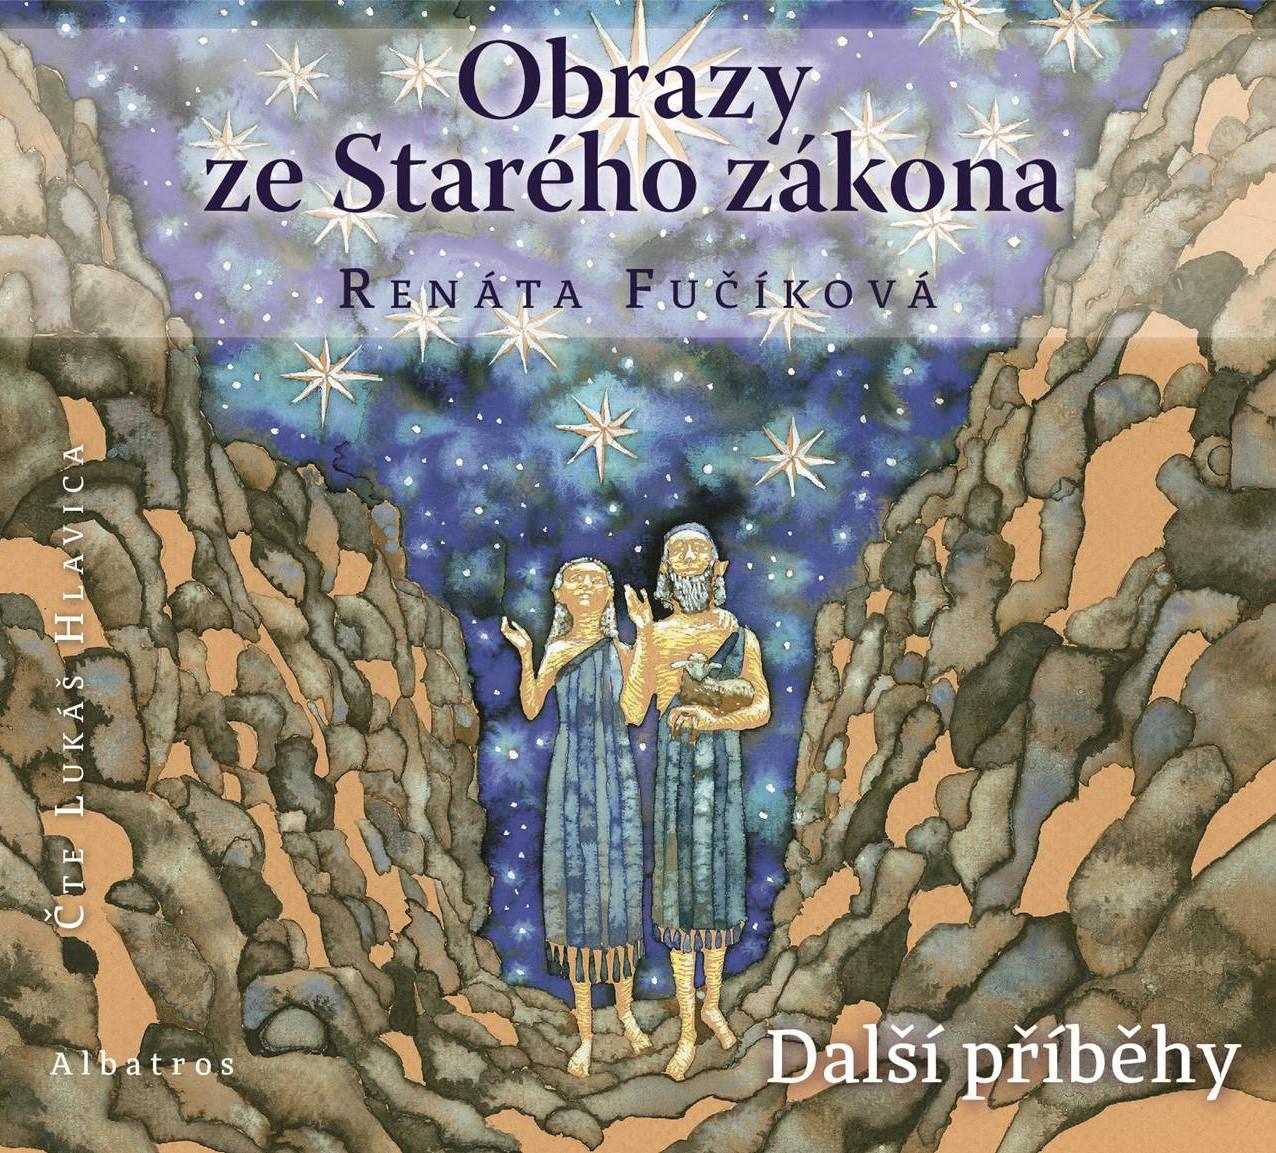 Obrazy ze Starého zákona Další příběhy (audiokniha pro děti) | Renáta Fučíková